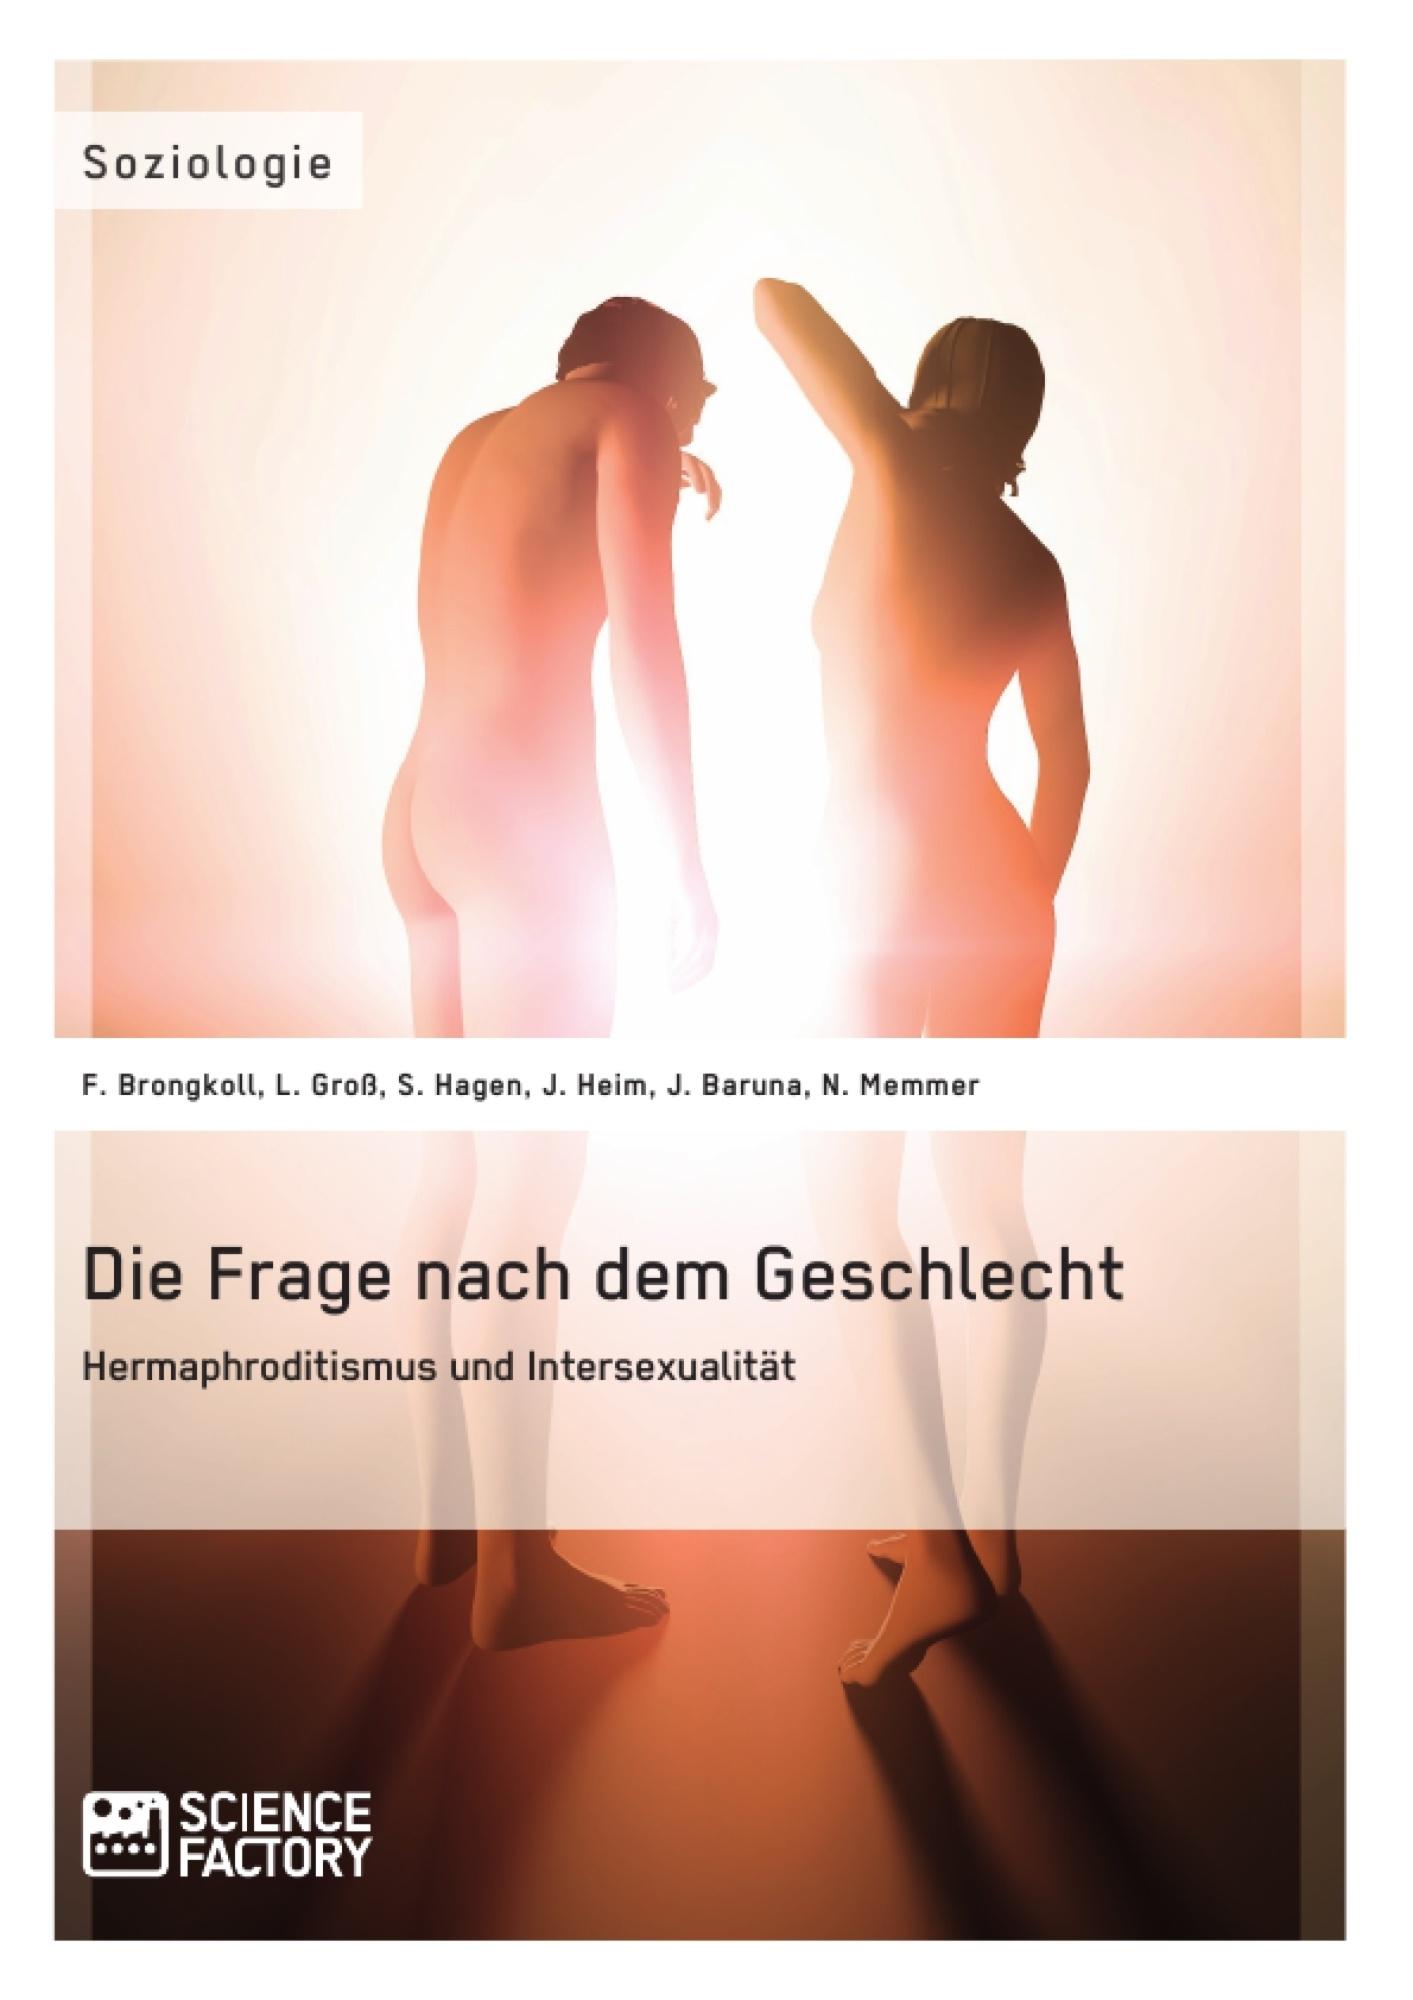 Titel: Die Frage nach dem Geschlecht: Hermaphroditismus und Intersexualität